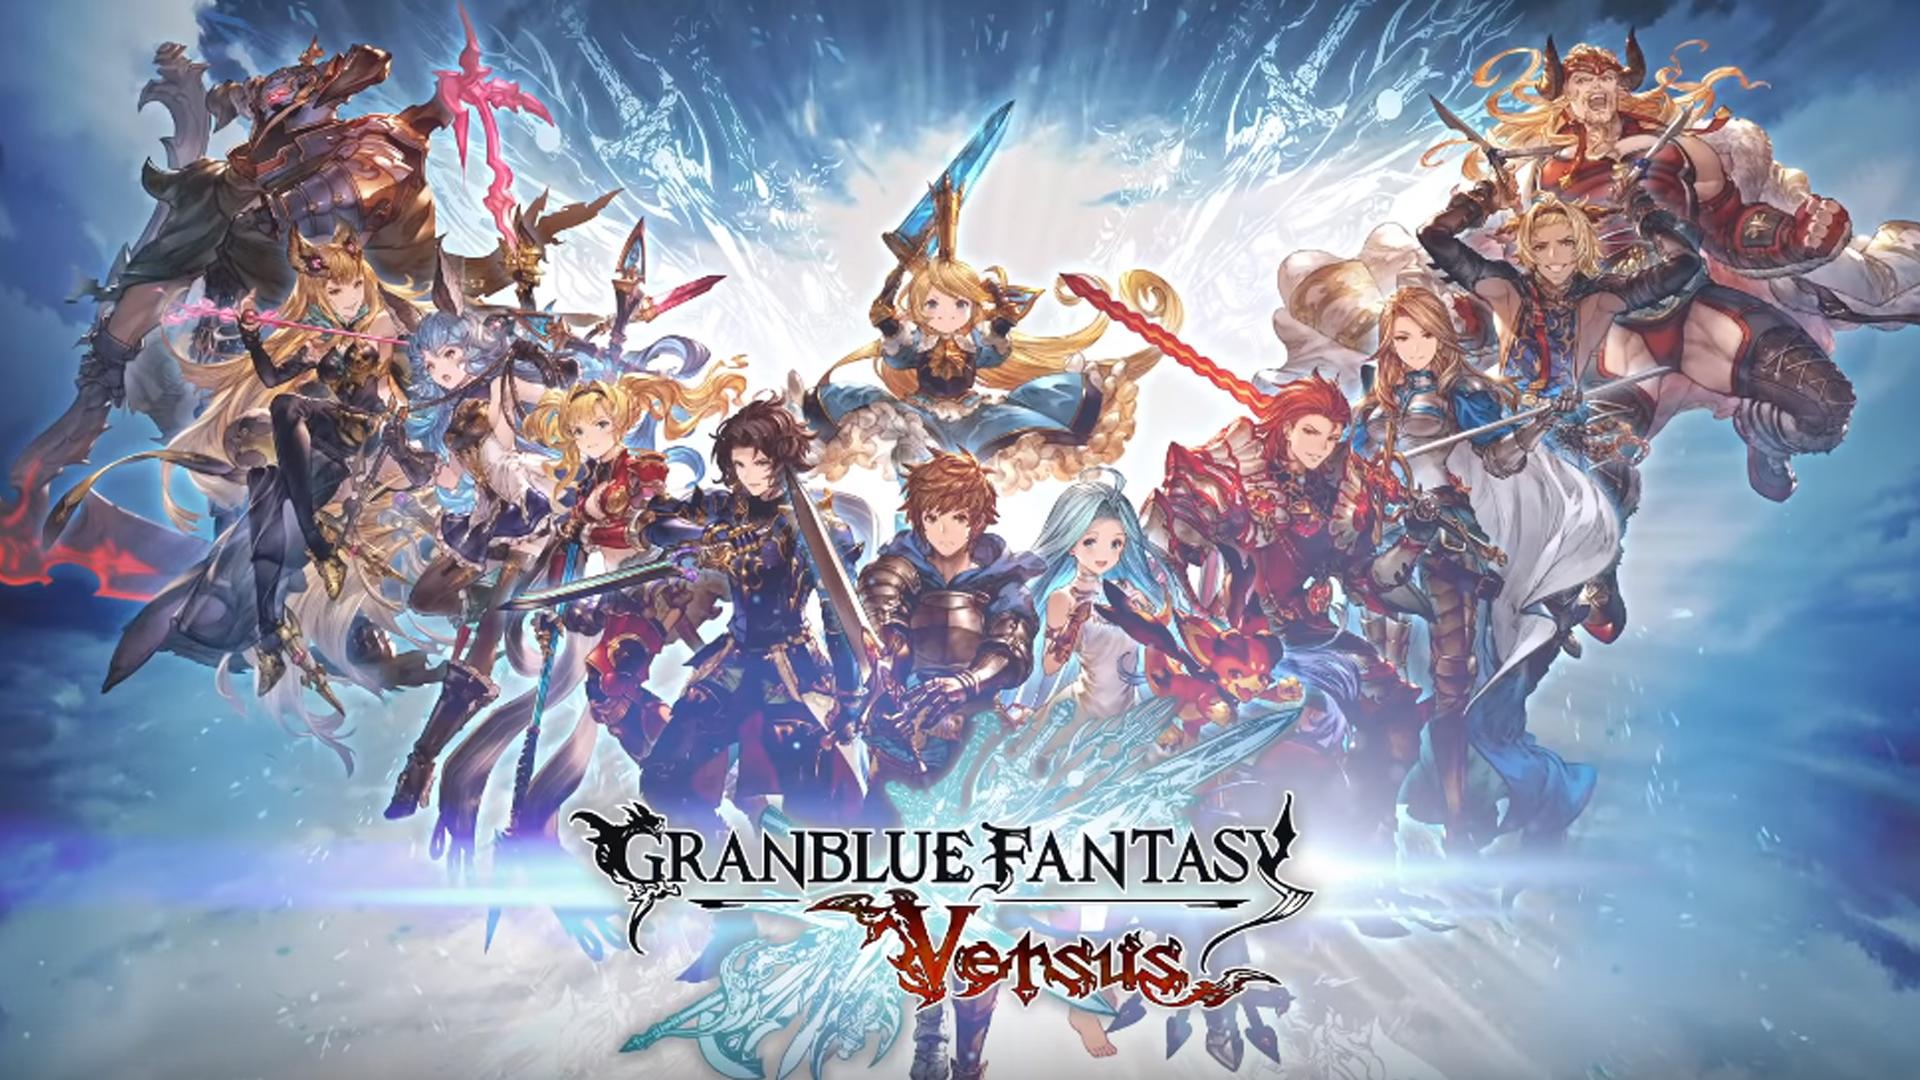 Slikovni rezultat za Granblue Fantasy Versus